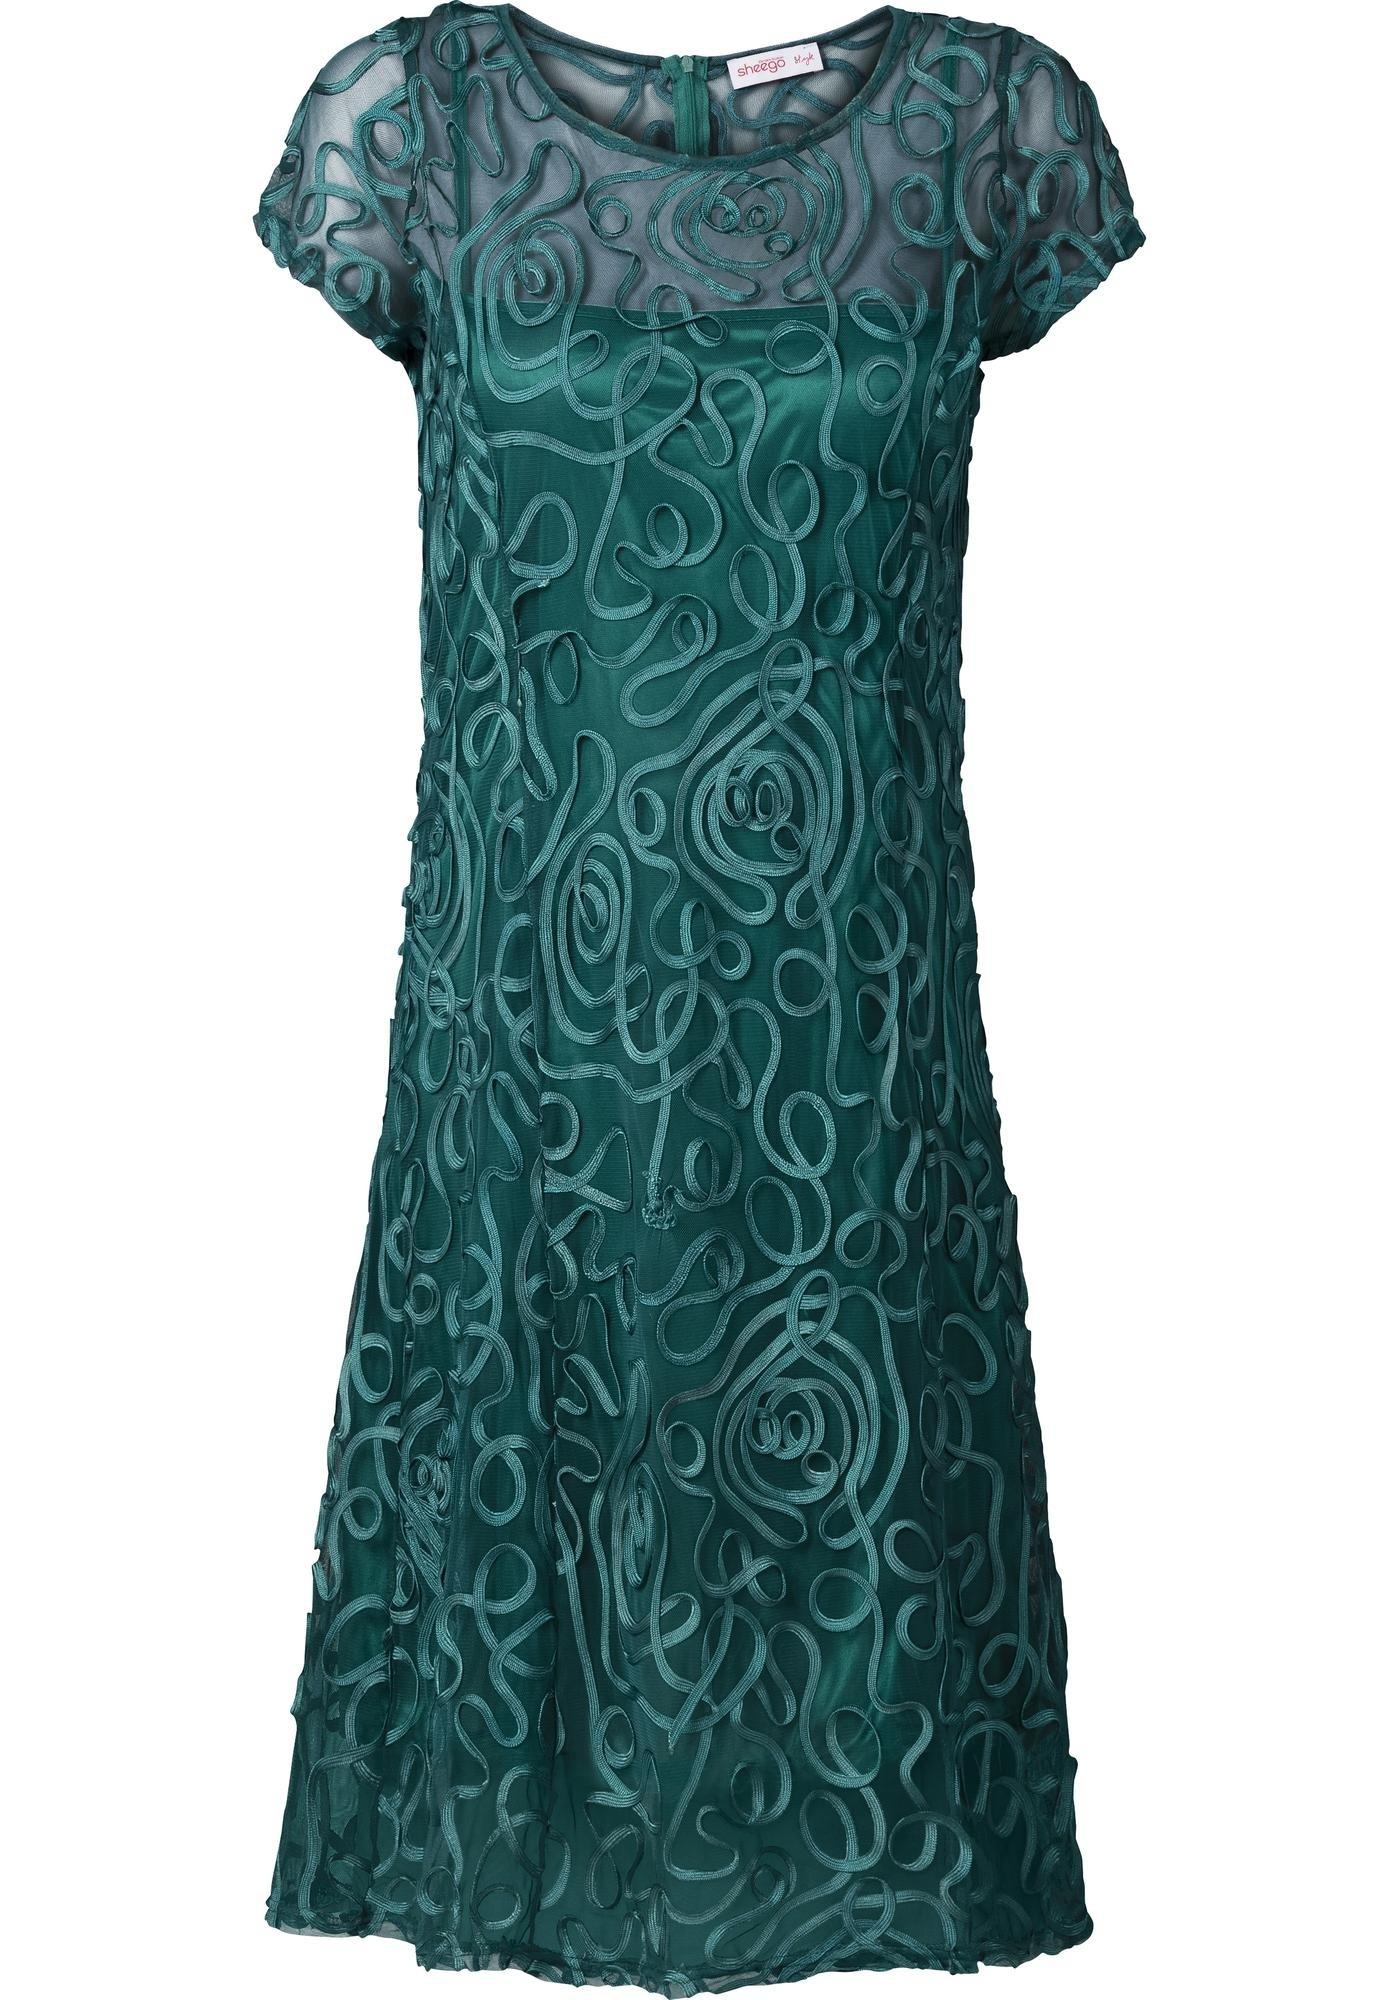 10 Einfach Kleid Gr 48 50 BoutiqueAbend Coolste Kleid Gr 48 50 Ärmel